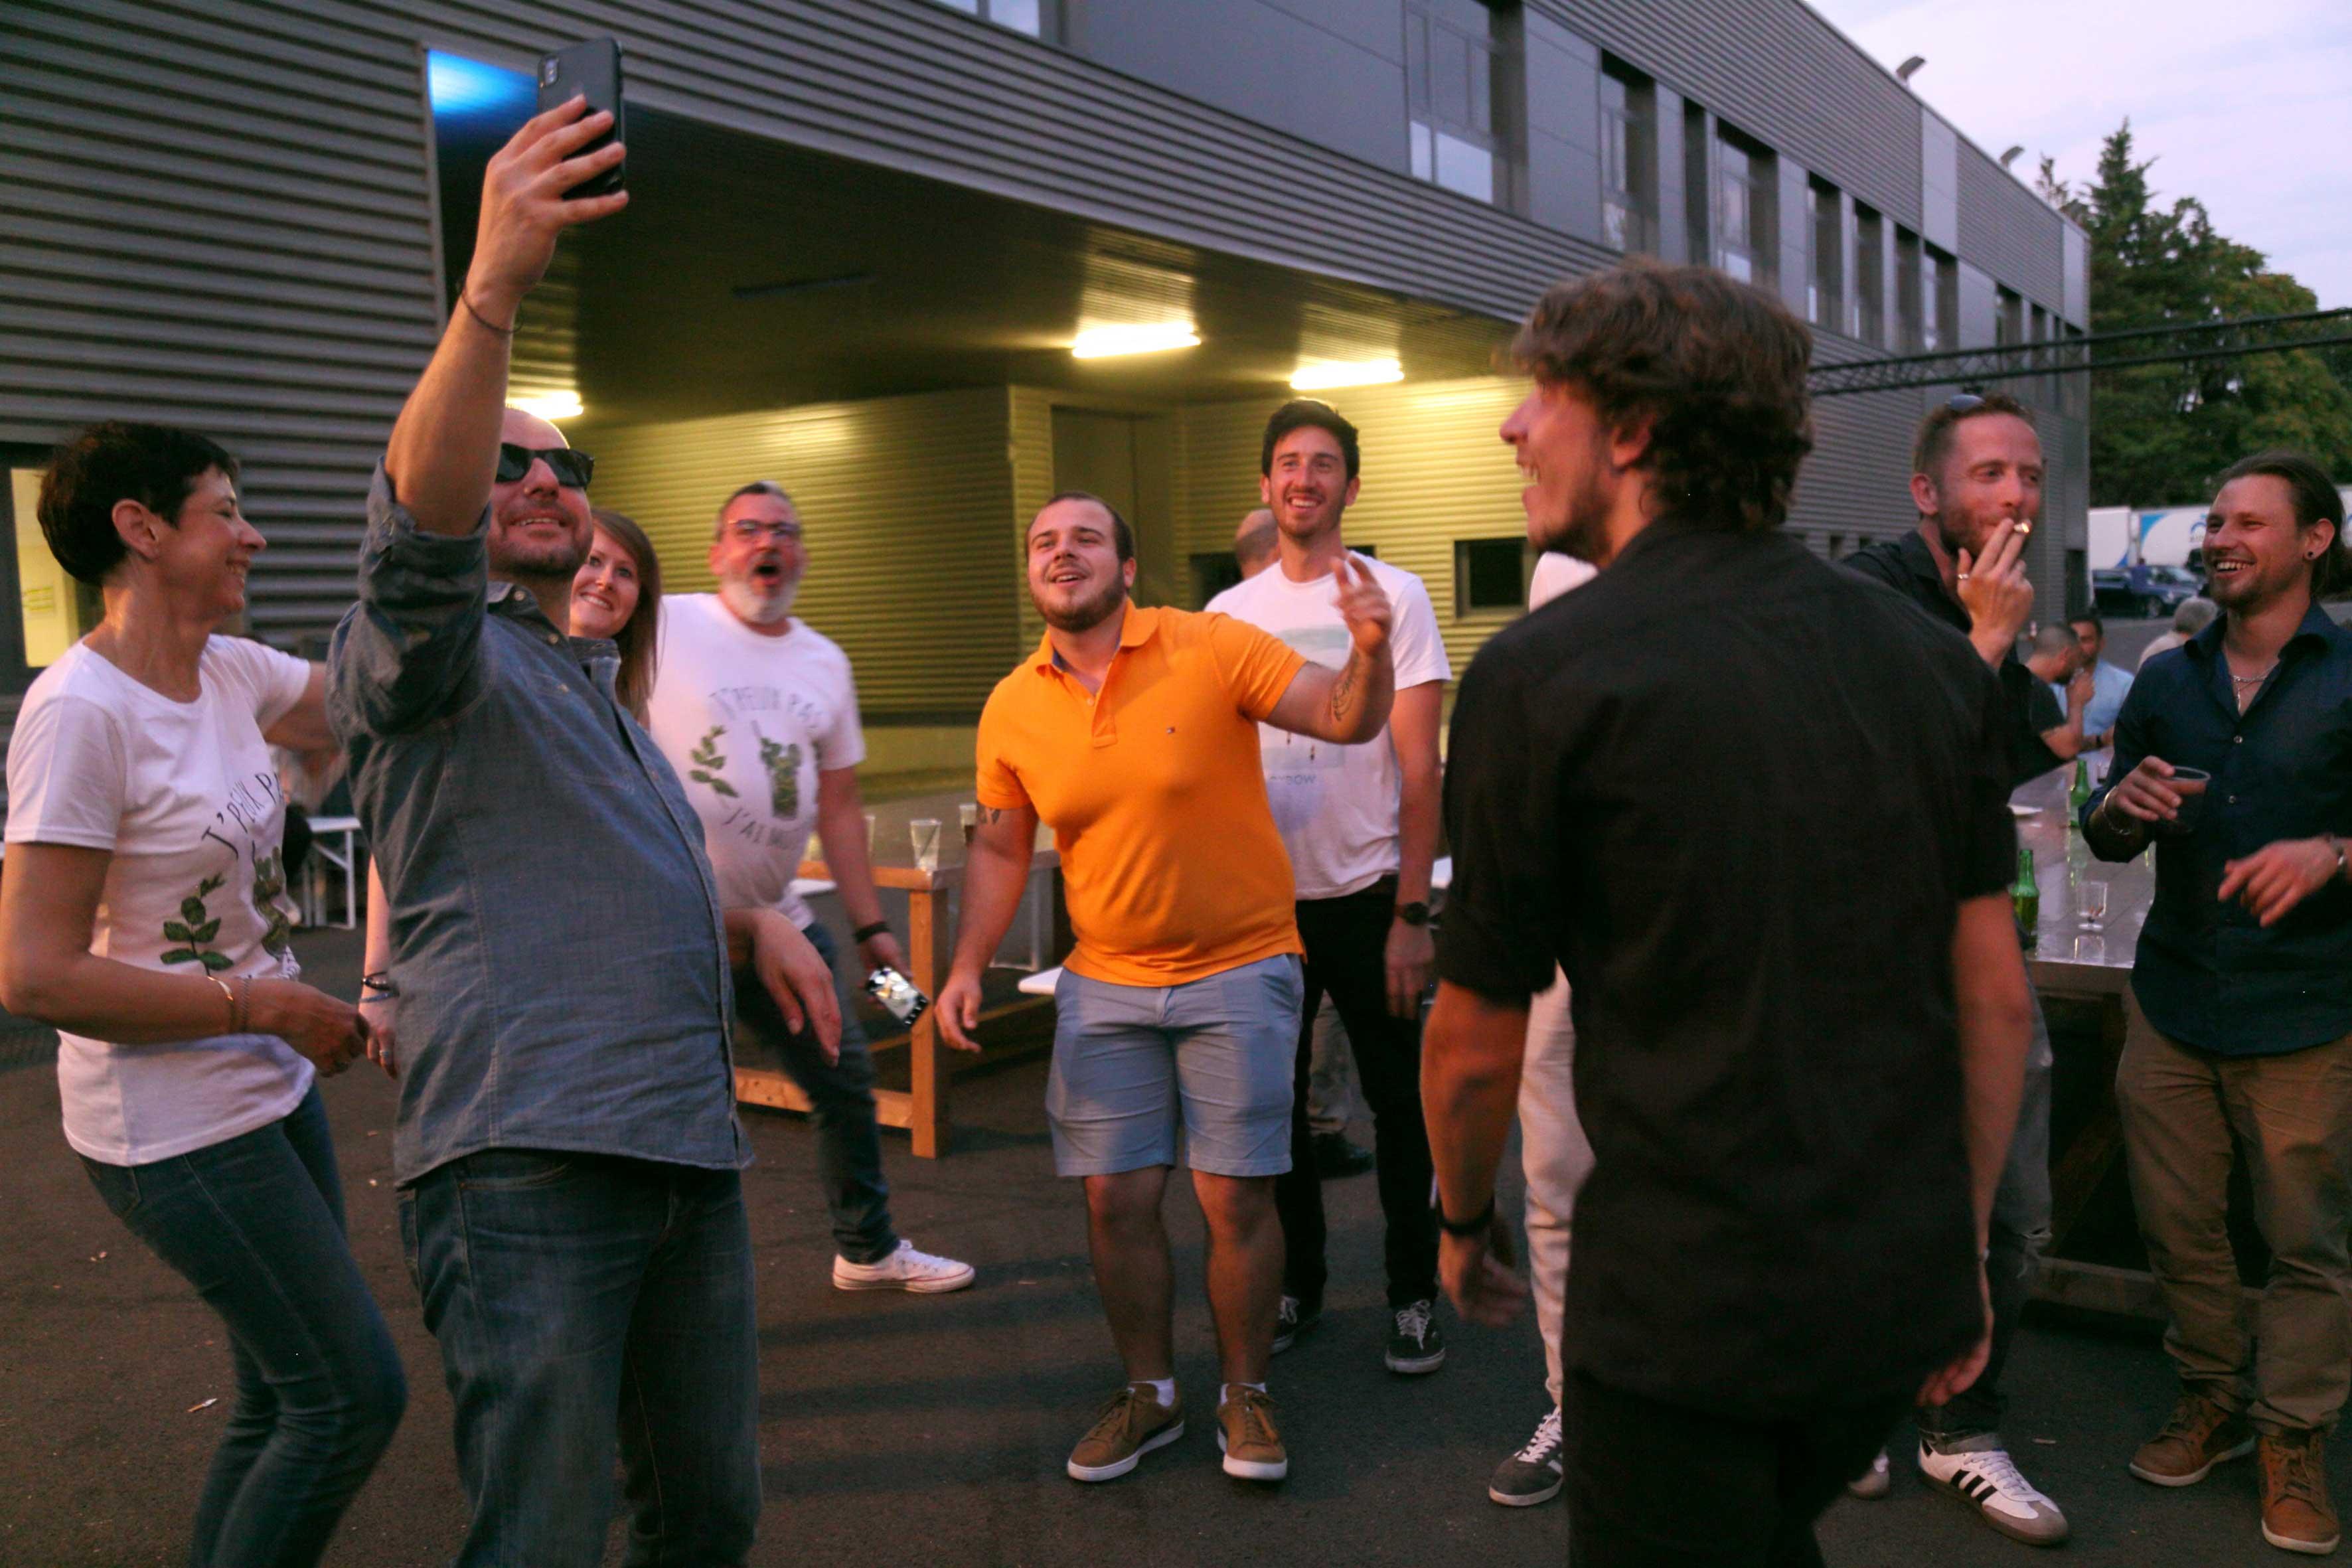 aucop-soiree-wissous-paris-music-events-agency-concert-29-juin-team-building-audiovisuel